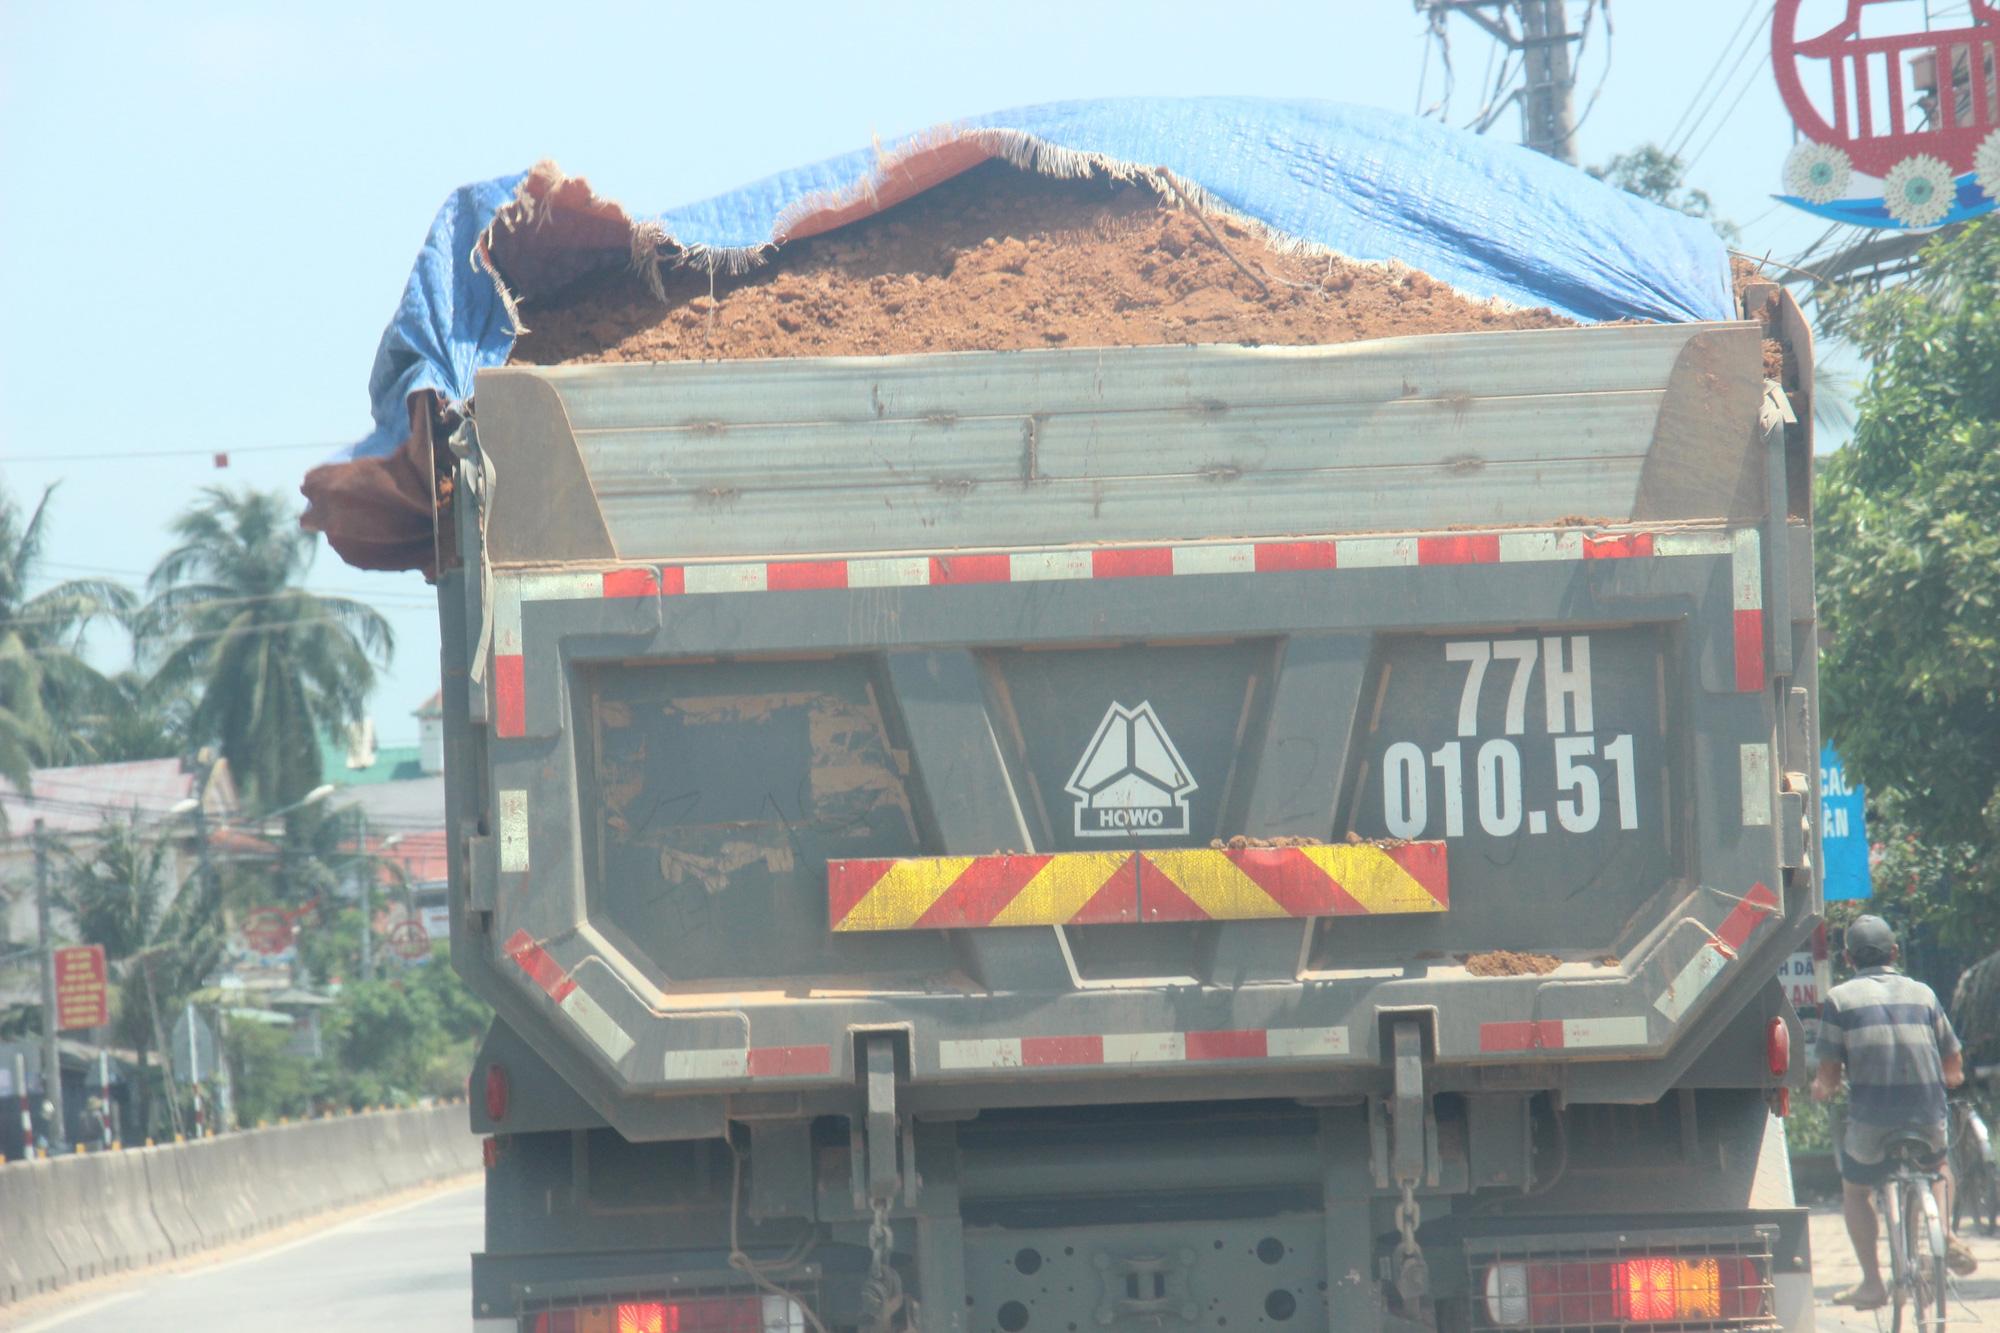 """Ảnh, Clip: Đoàn xe tải gắn logo Bá Sanh Đường """"tung hoành"""" ở Thị xã Hoài Nhơn, Bình Định - Ảnh 6."""